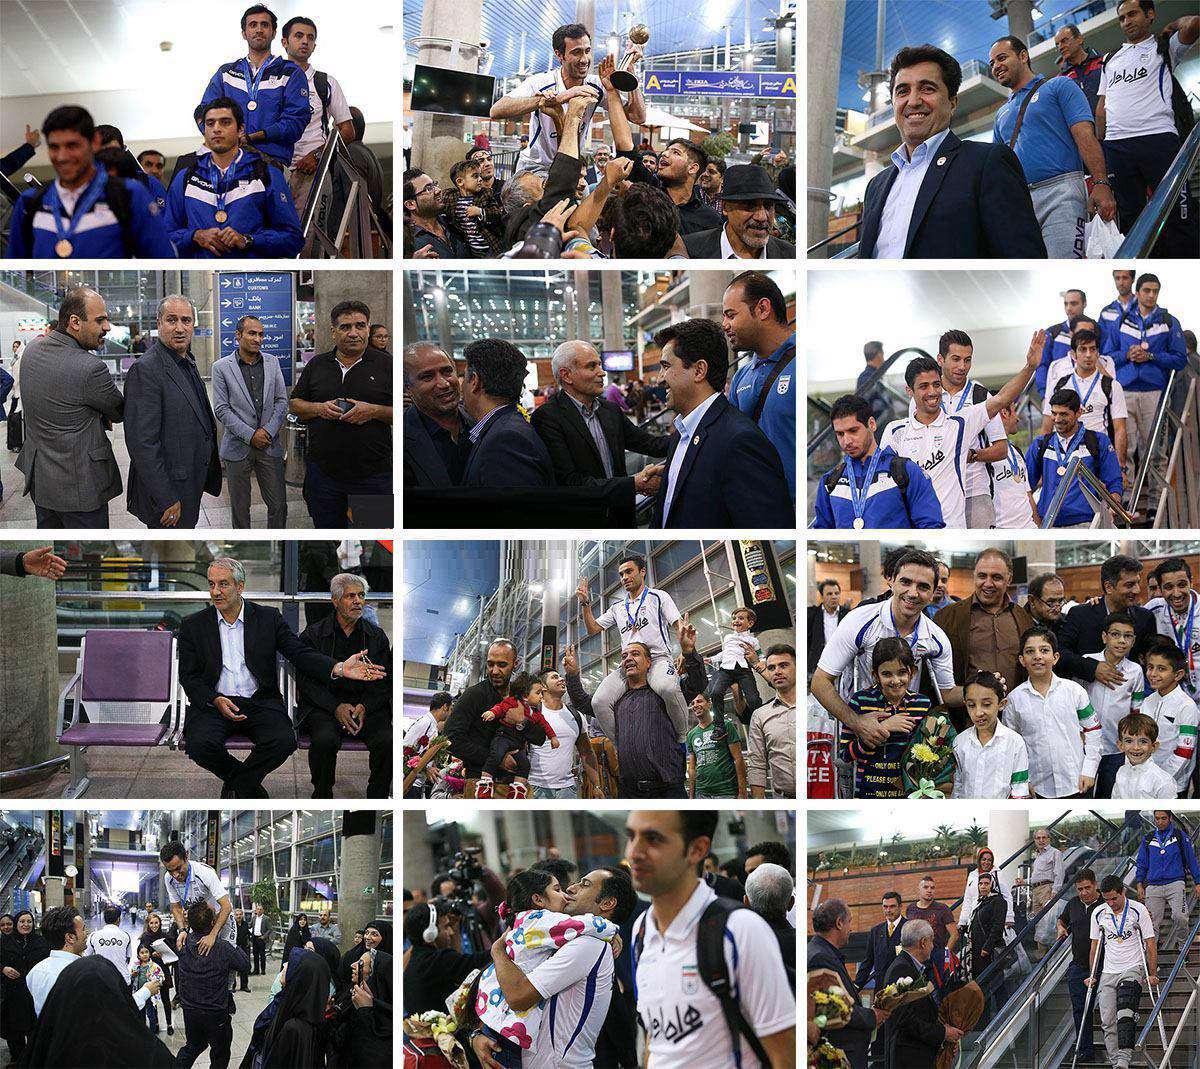 بازگشت ملی پوشان فوتسال از جام جهانی کلمبیا